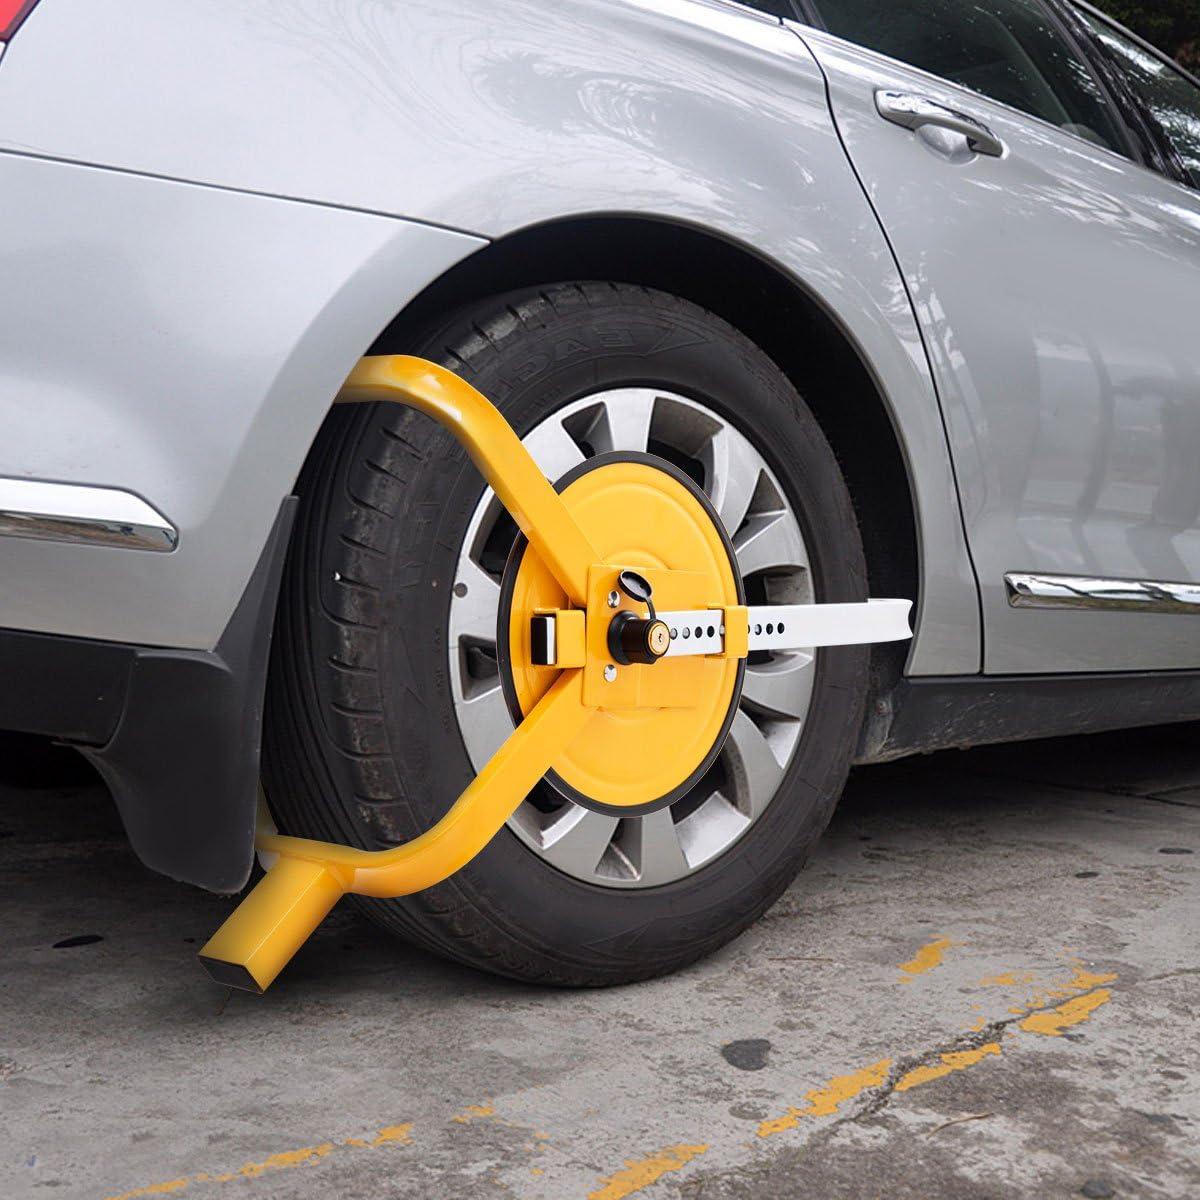 ANTIFURTO CERCHI artiglio immobilizzatore rimorchio auto